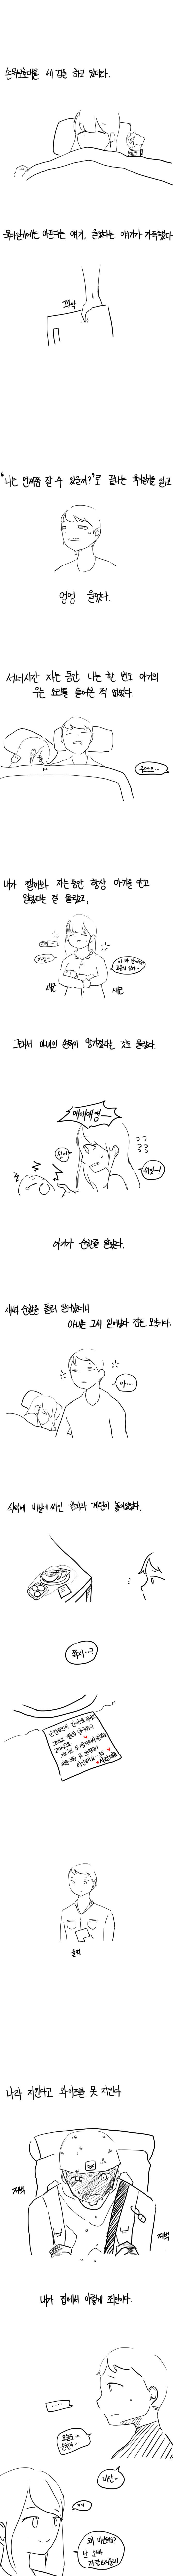 4.jpg 내 아내가 이걸 꼭 읽었으면 좋겠다.manhwa